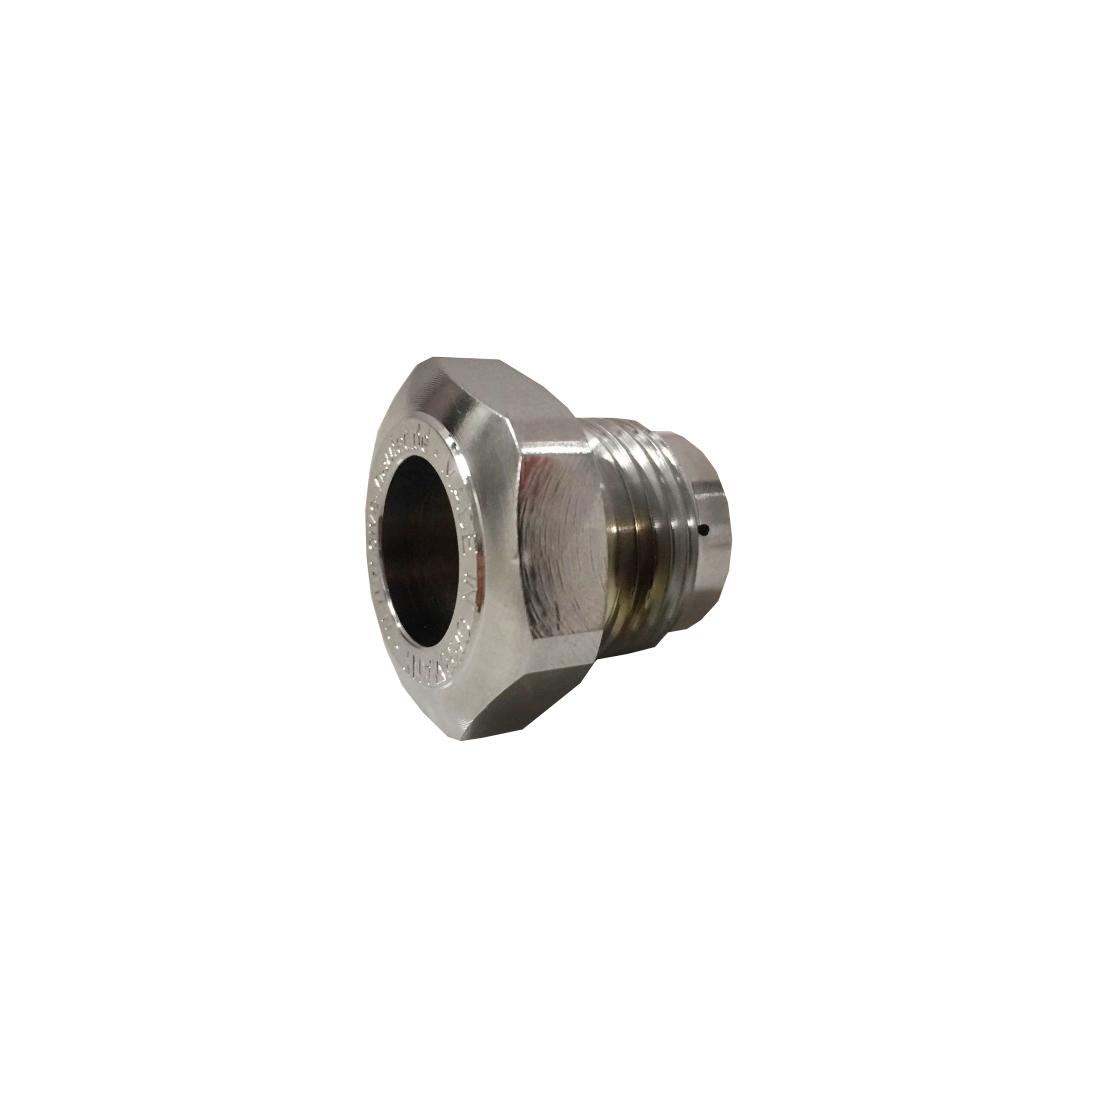 POLARIS - Blindschraube / Ventilstopfen G5/8 232Bar mit Entlüftung